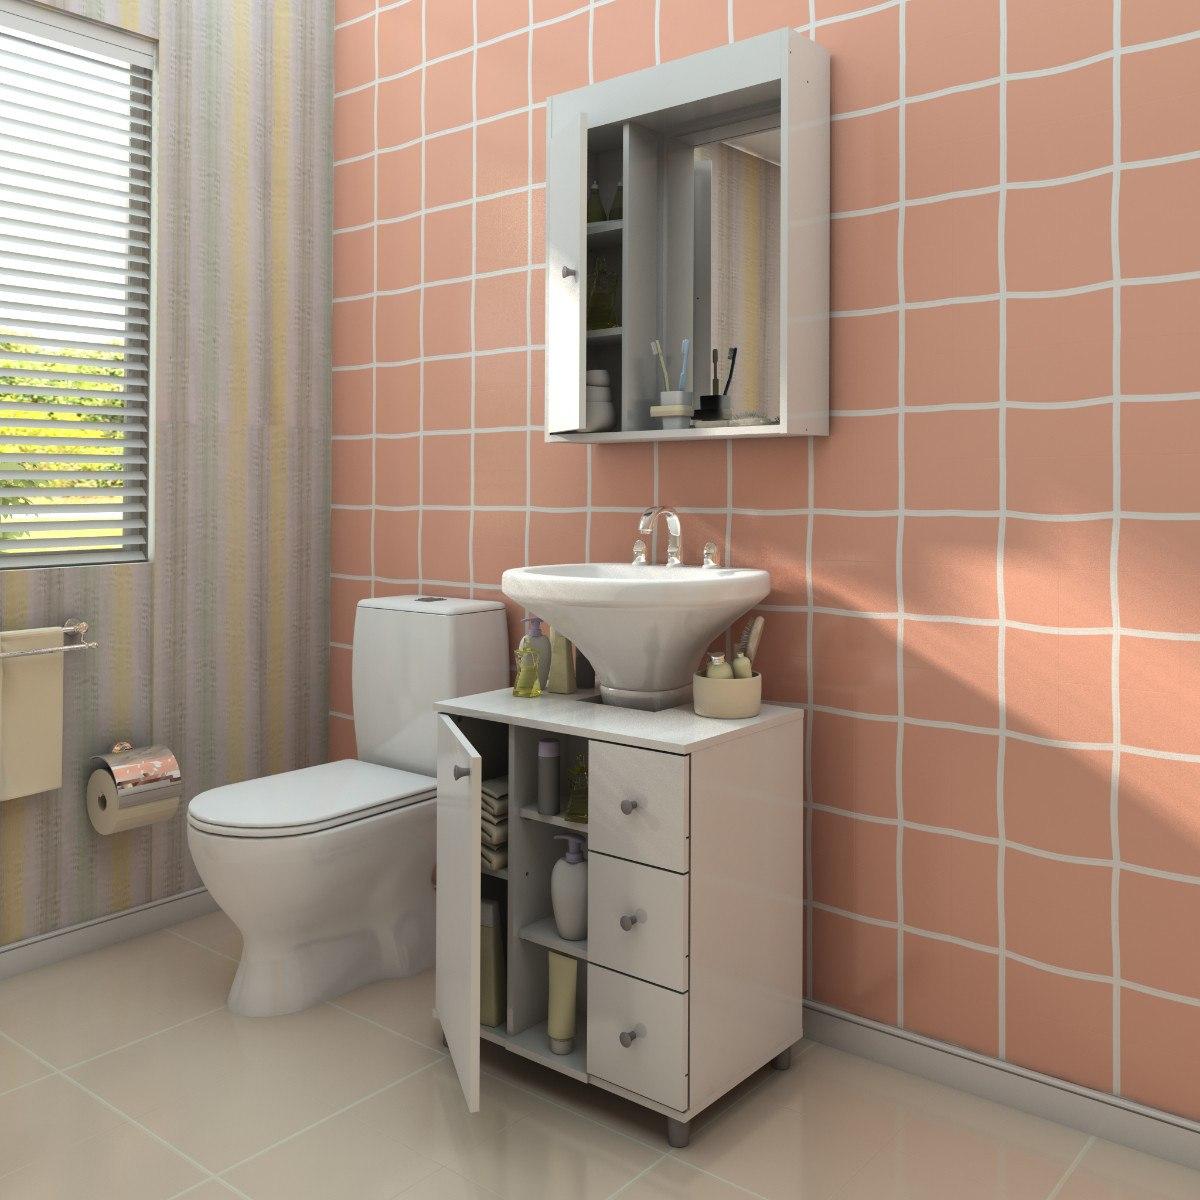 Armário Aéro Para Banheiro  R$ 210,00 no MercadoLivre -> Forrar Armario De Banheiro